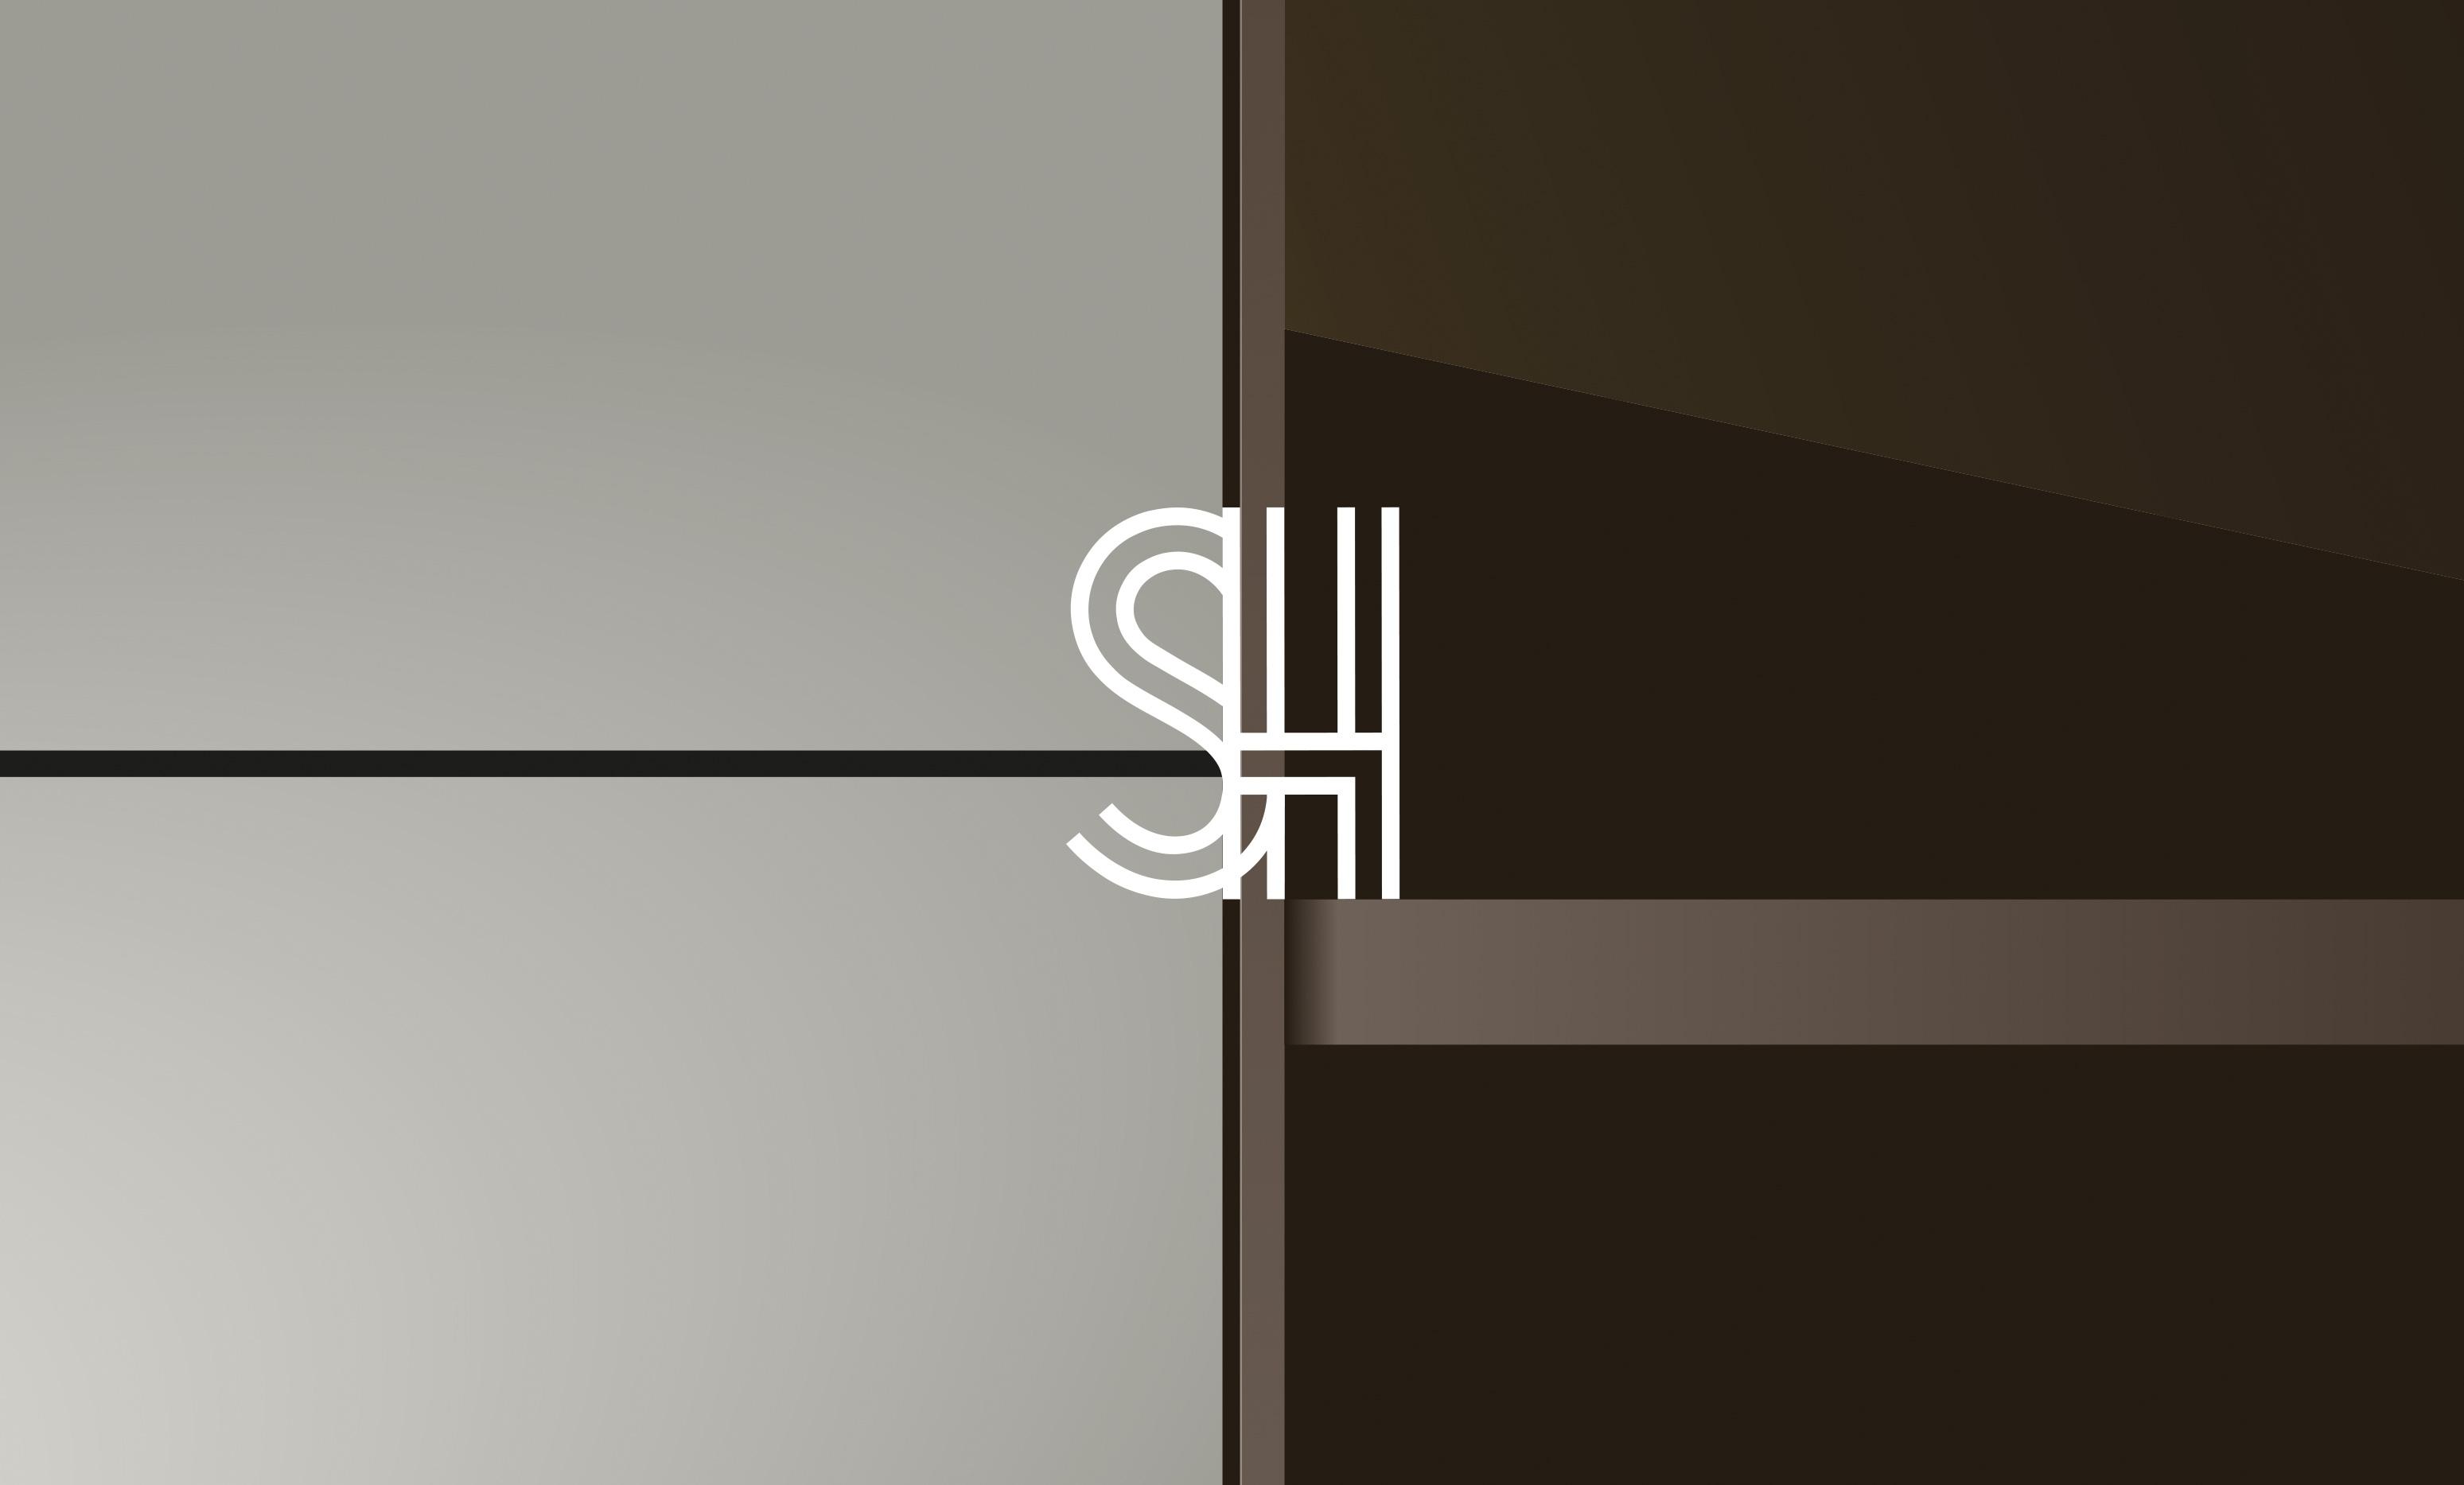 SH_Brand.jpg